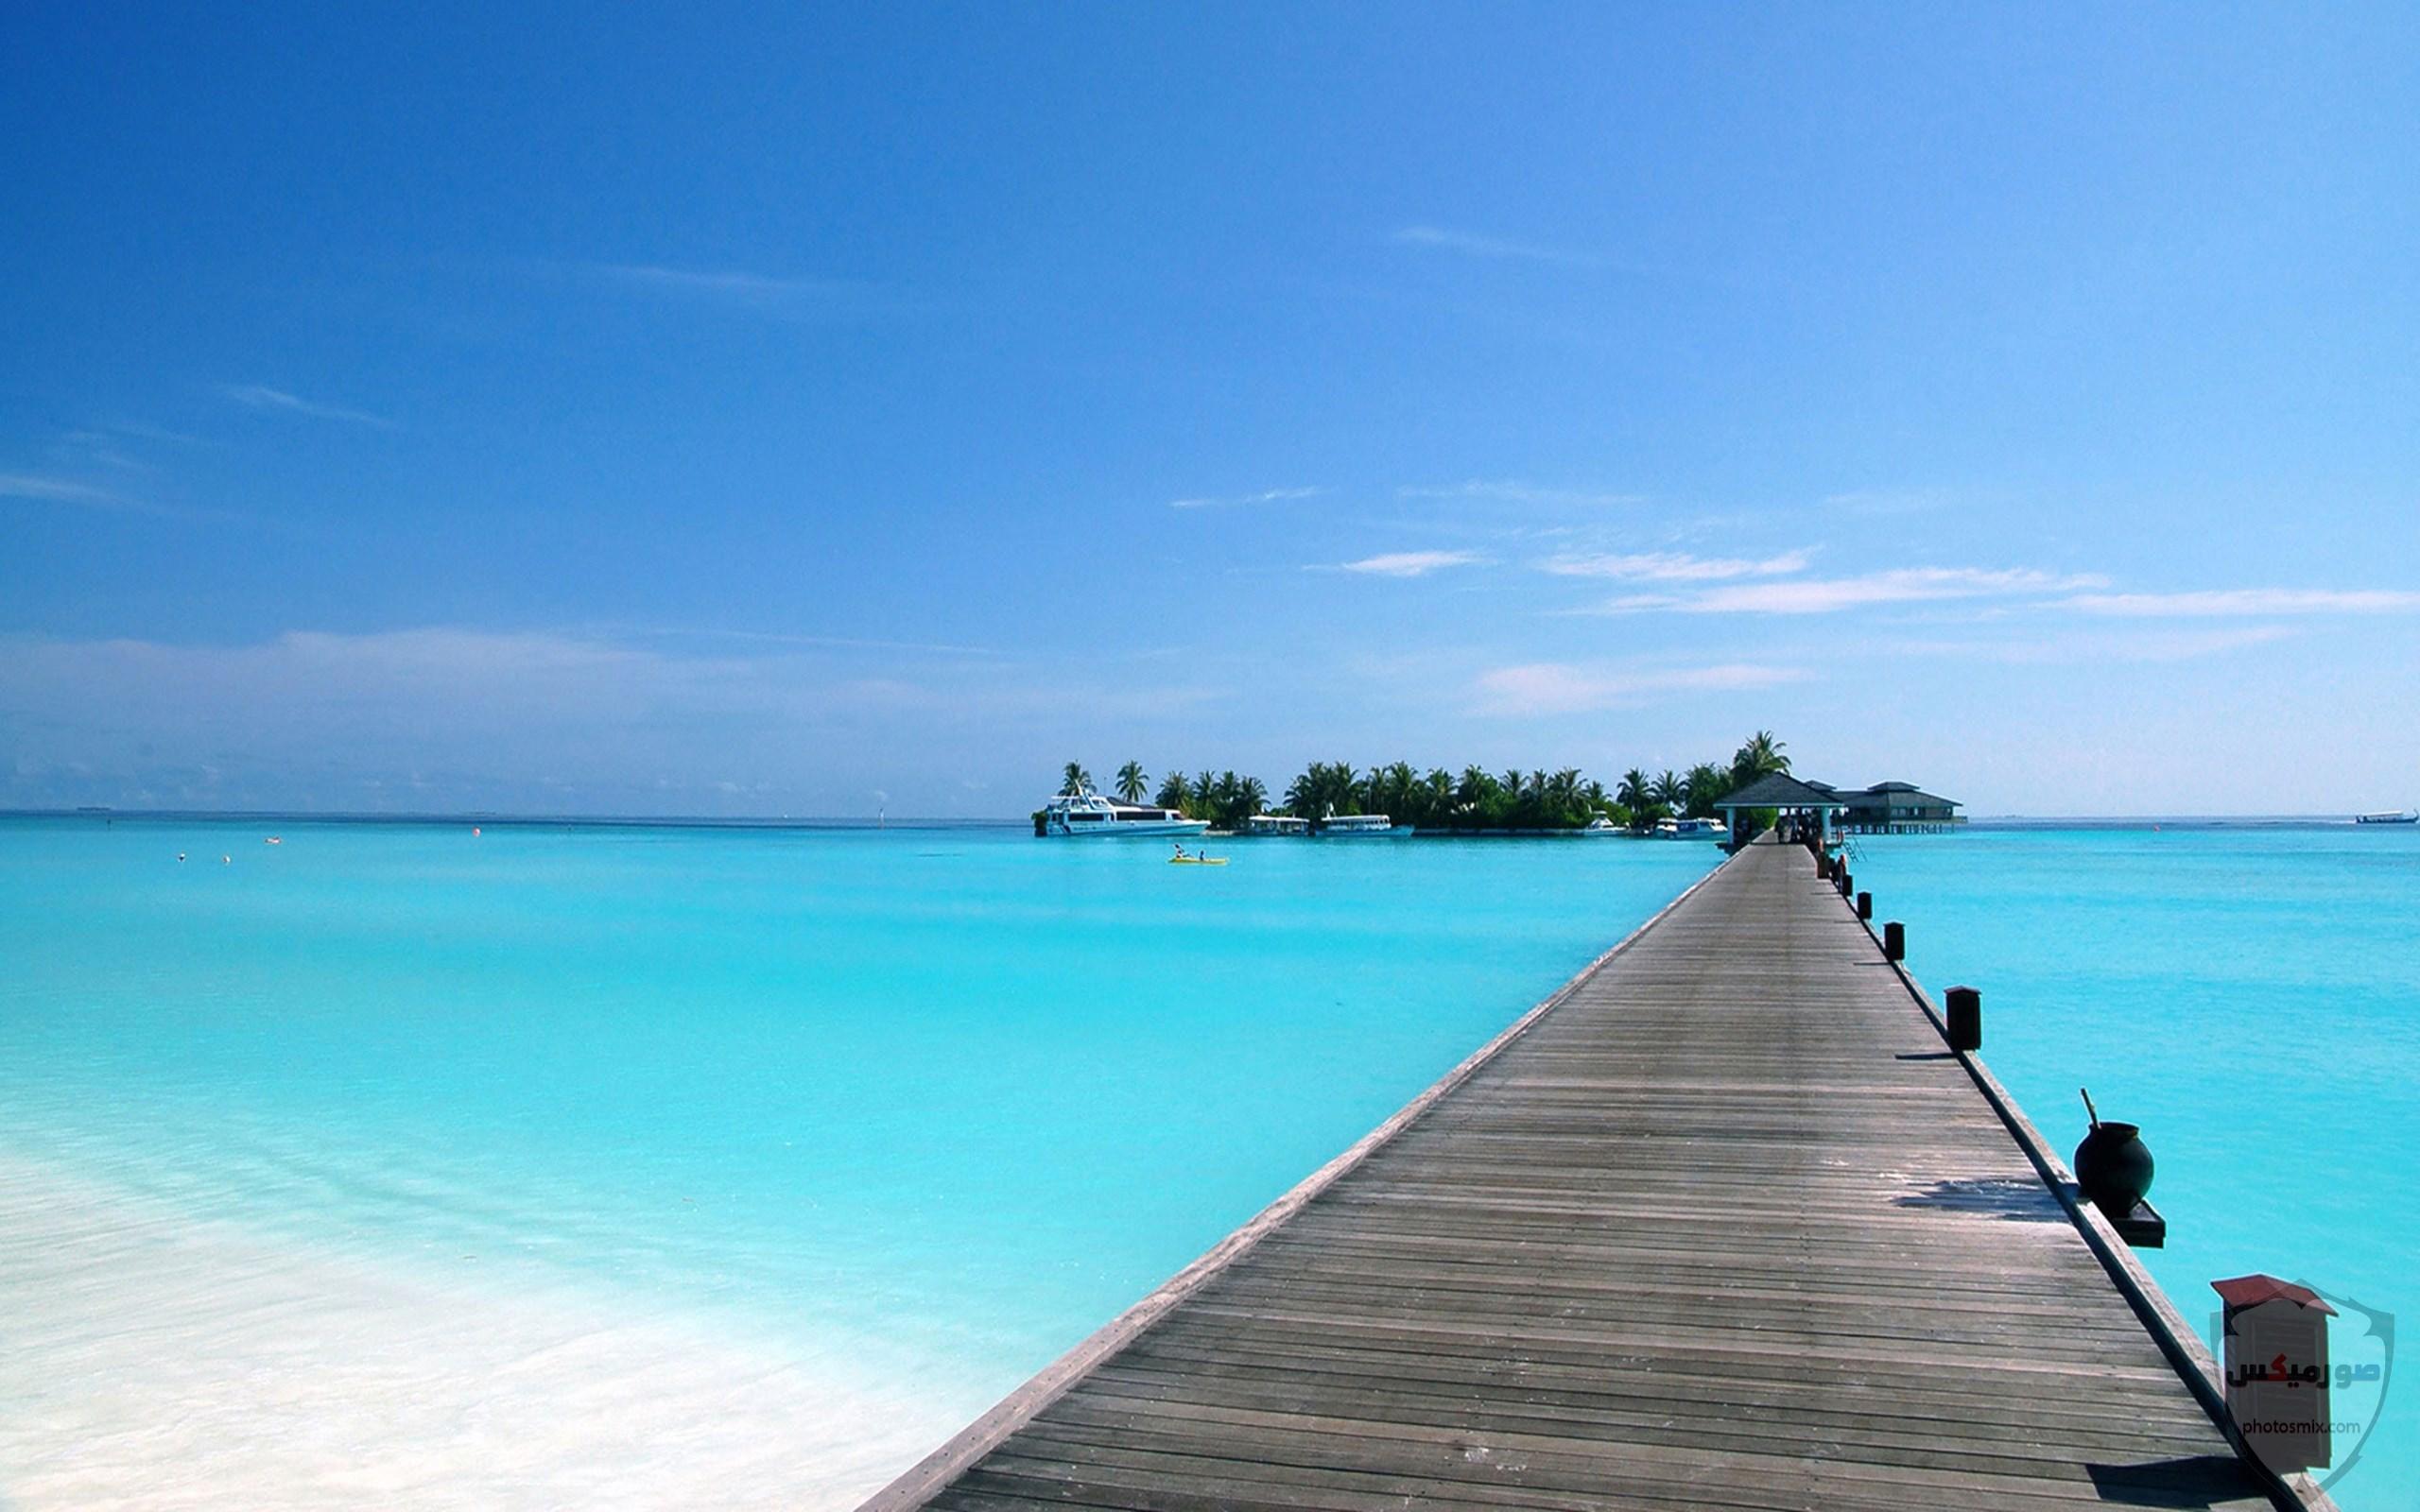 صور بحر وشاطئ صور وخلفيات بحور وشواطئ جميلة اجمل خلفيات بحار جودة عالية 5